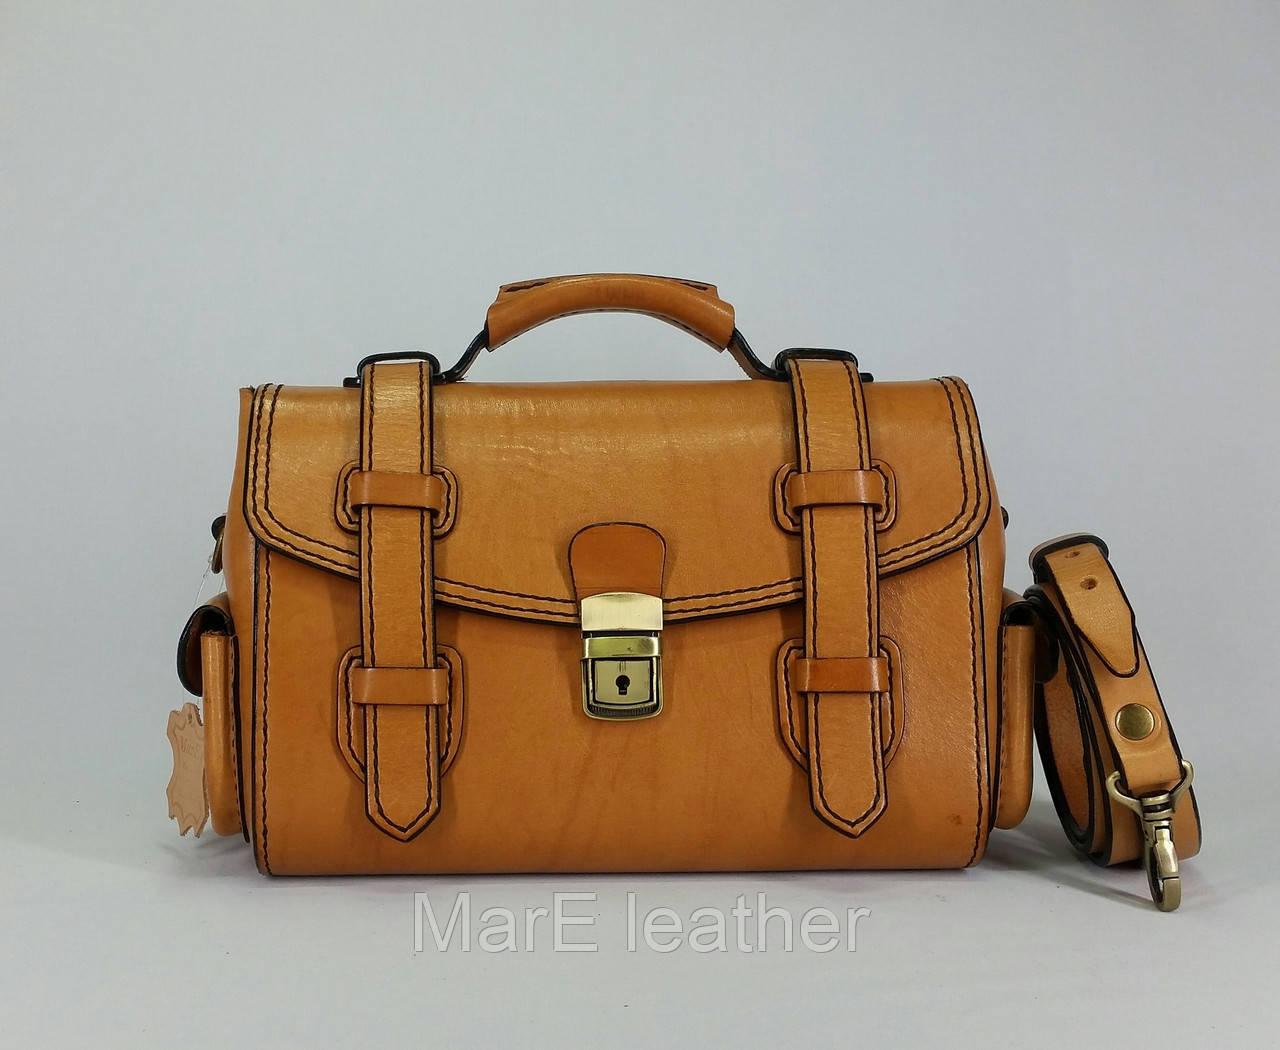 bd627e397a67 Женская сумка - саквояж ручной работы из натуральной кожи растительного  дубления - MarE leather в Белой